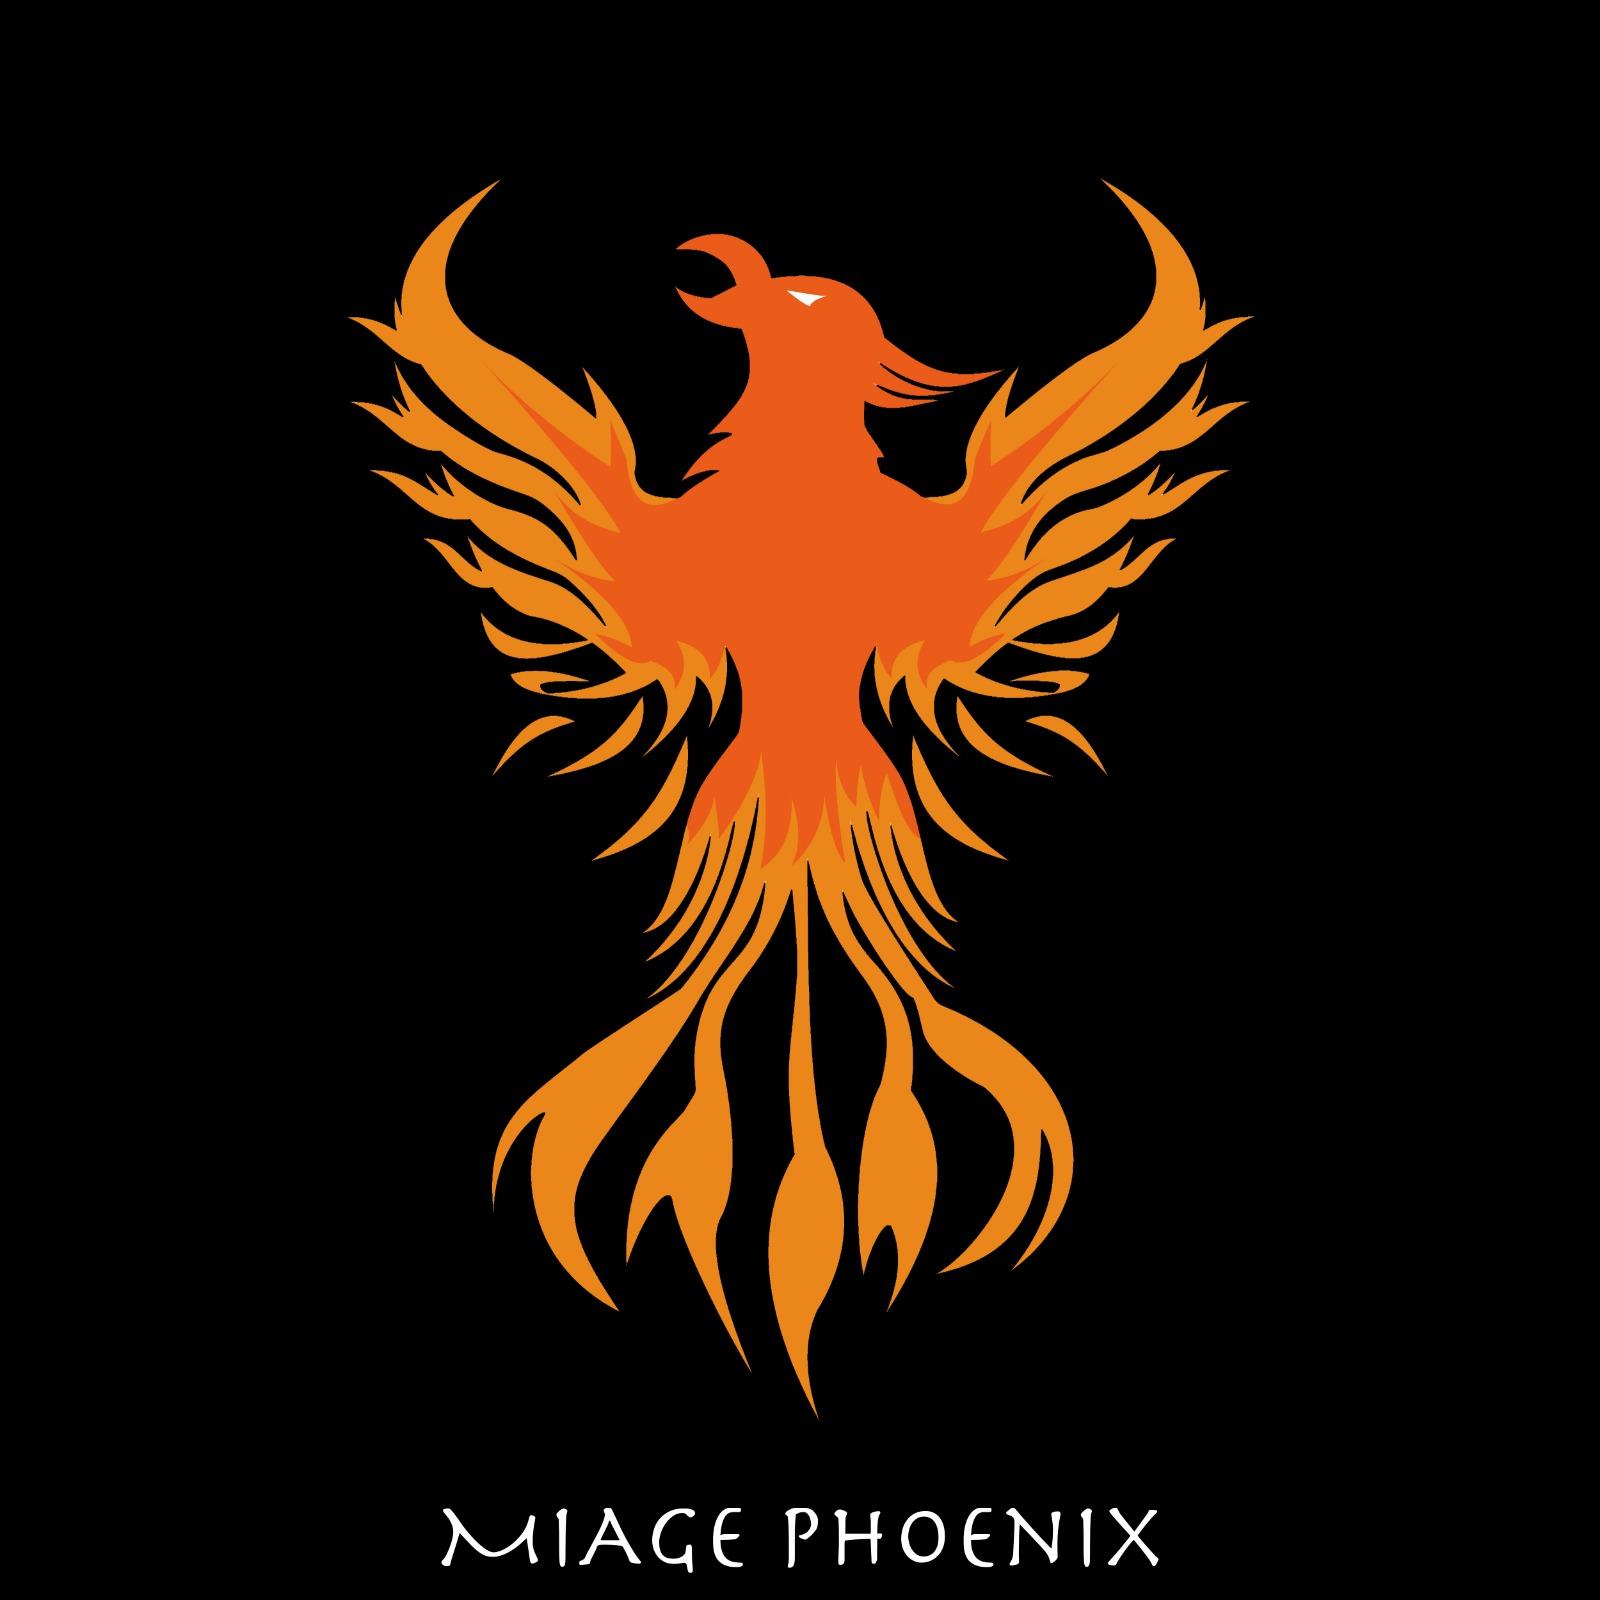 L'emblème de notre équipe